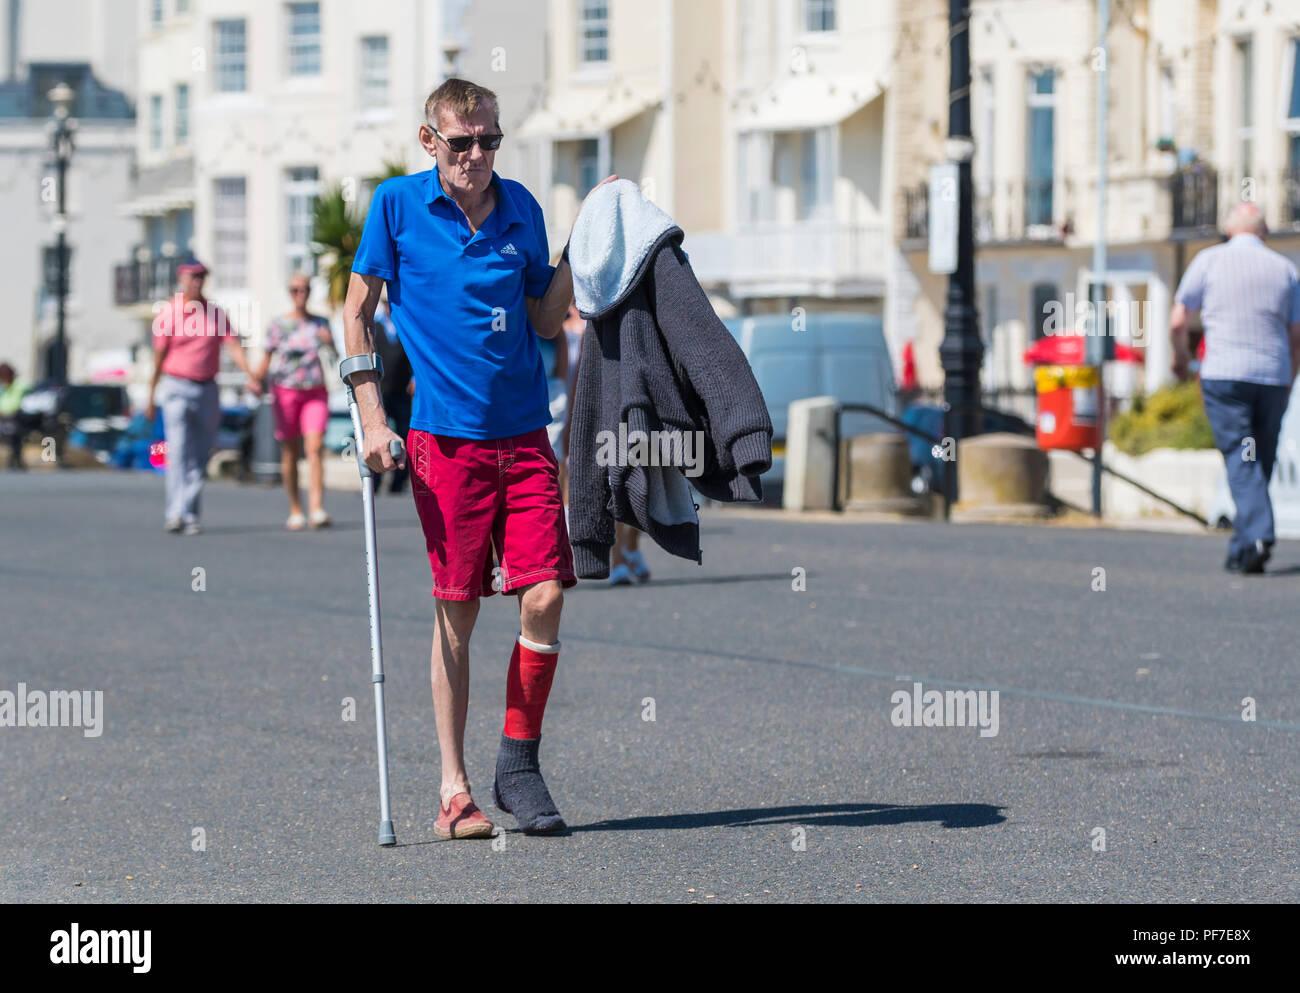 Uomo con gamba ferita camminare con l'aiuto di una stampella. Uomo che cammina con le stampelle. Immagini Stock